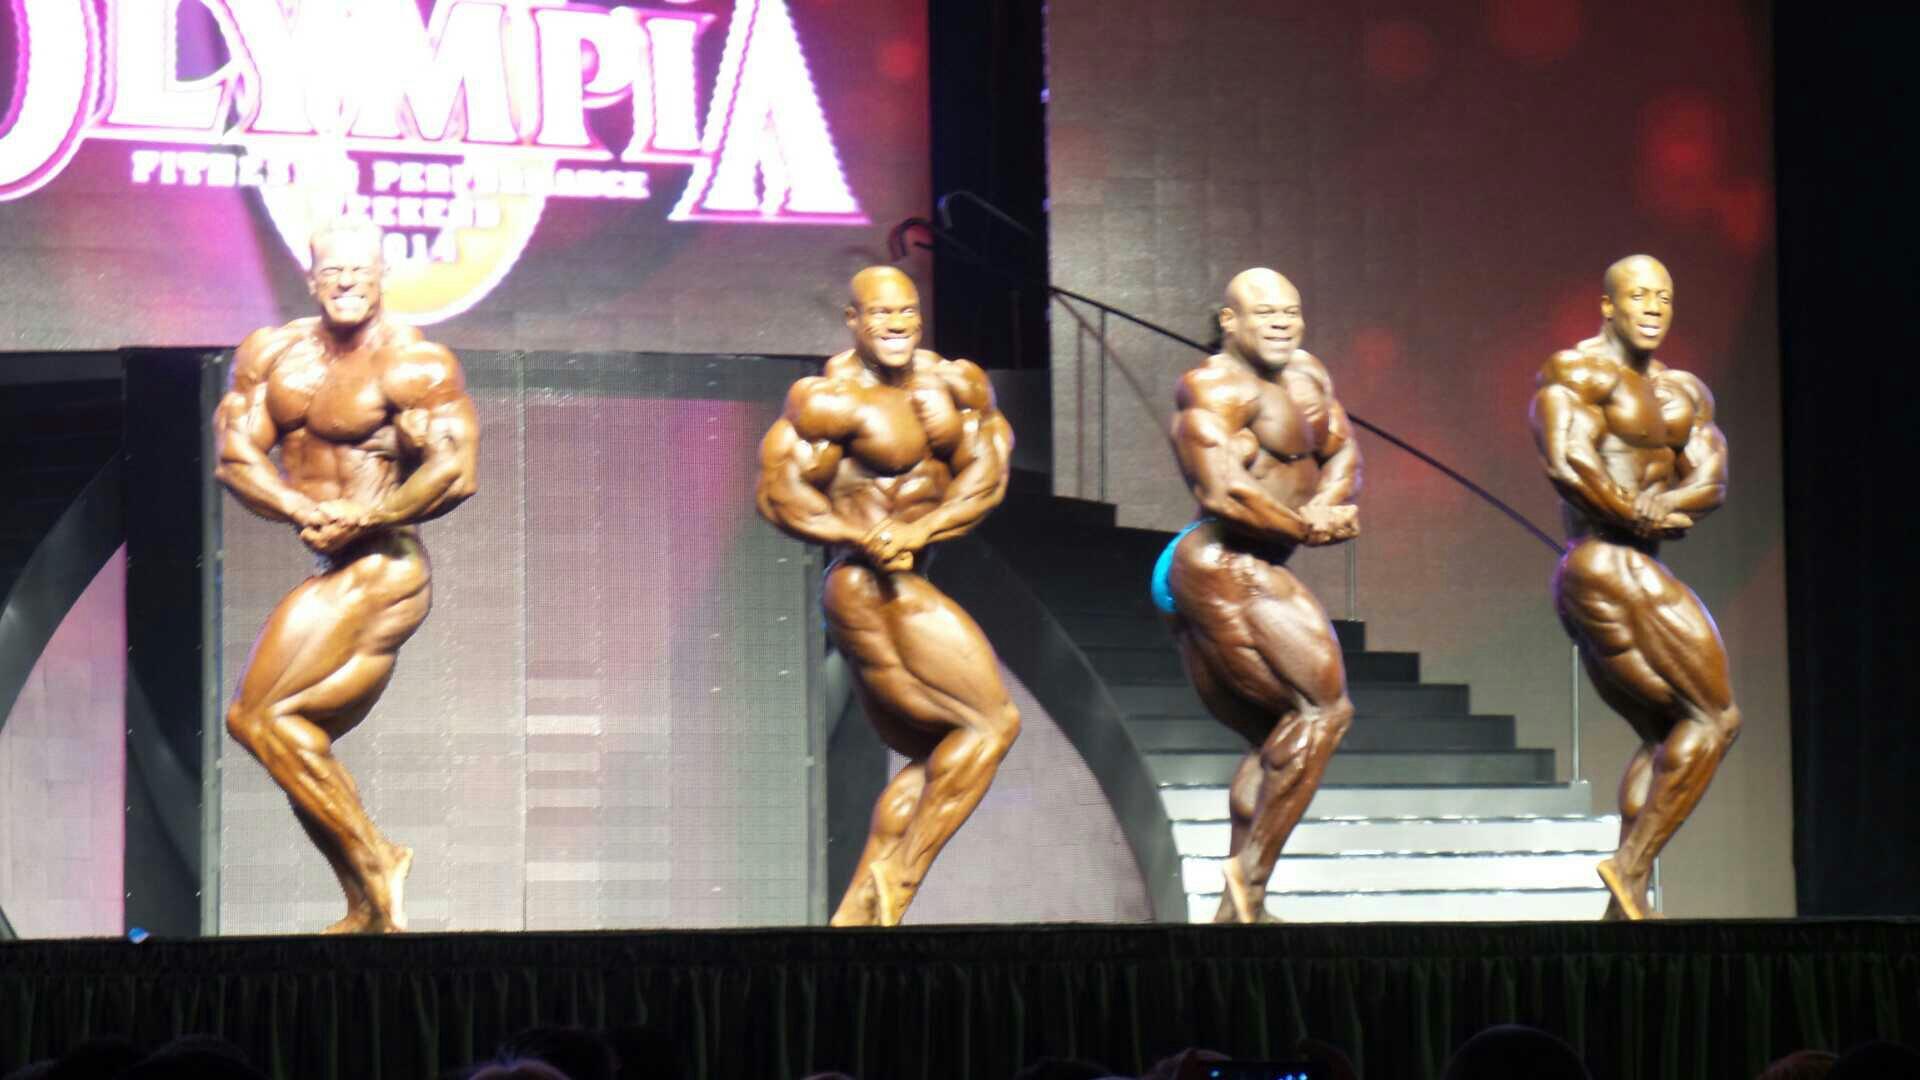 Mr. Olympia 2014 Webcast 7utu5e3e